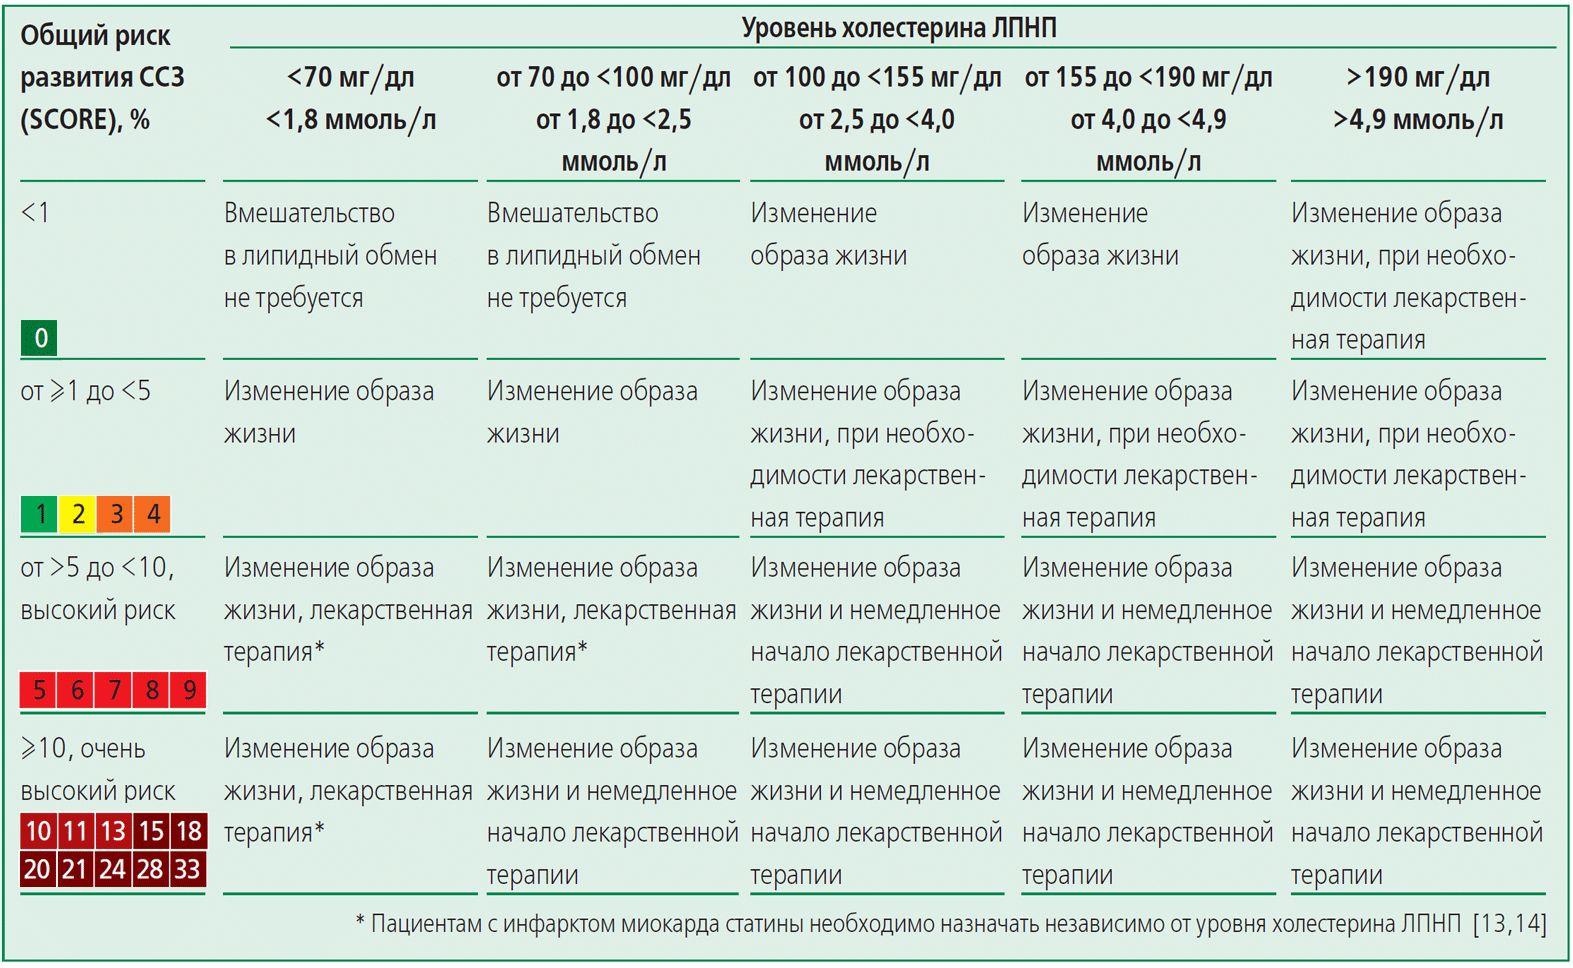 Уровень холестерина ЛПНП и риск ССЗ